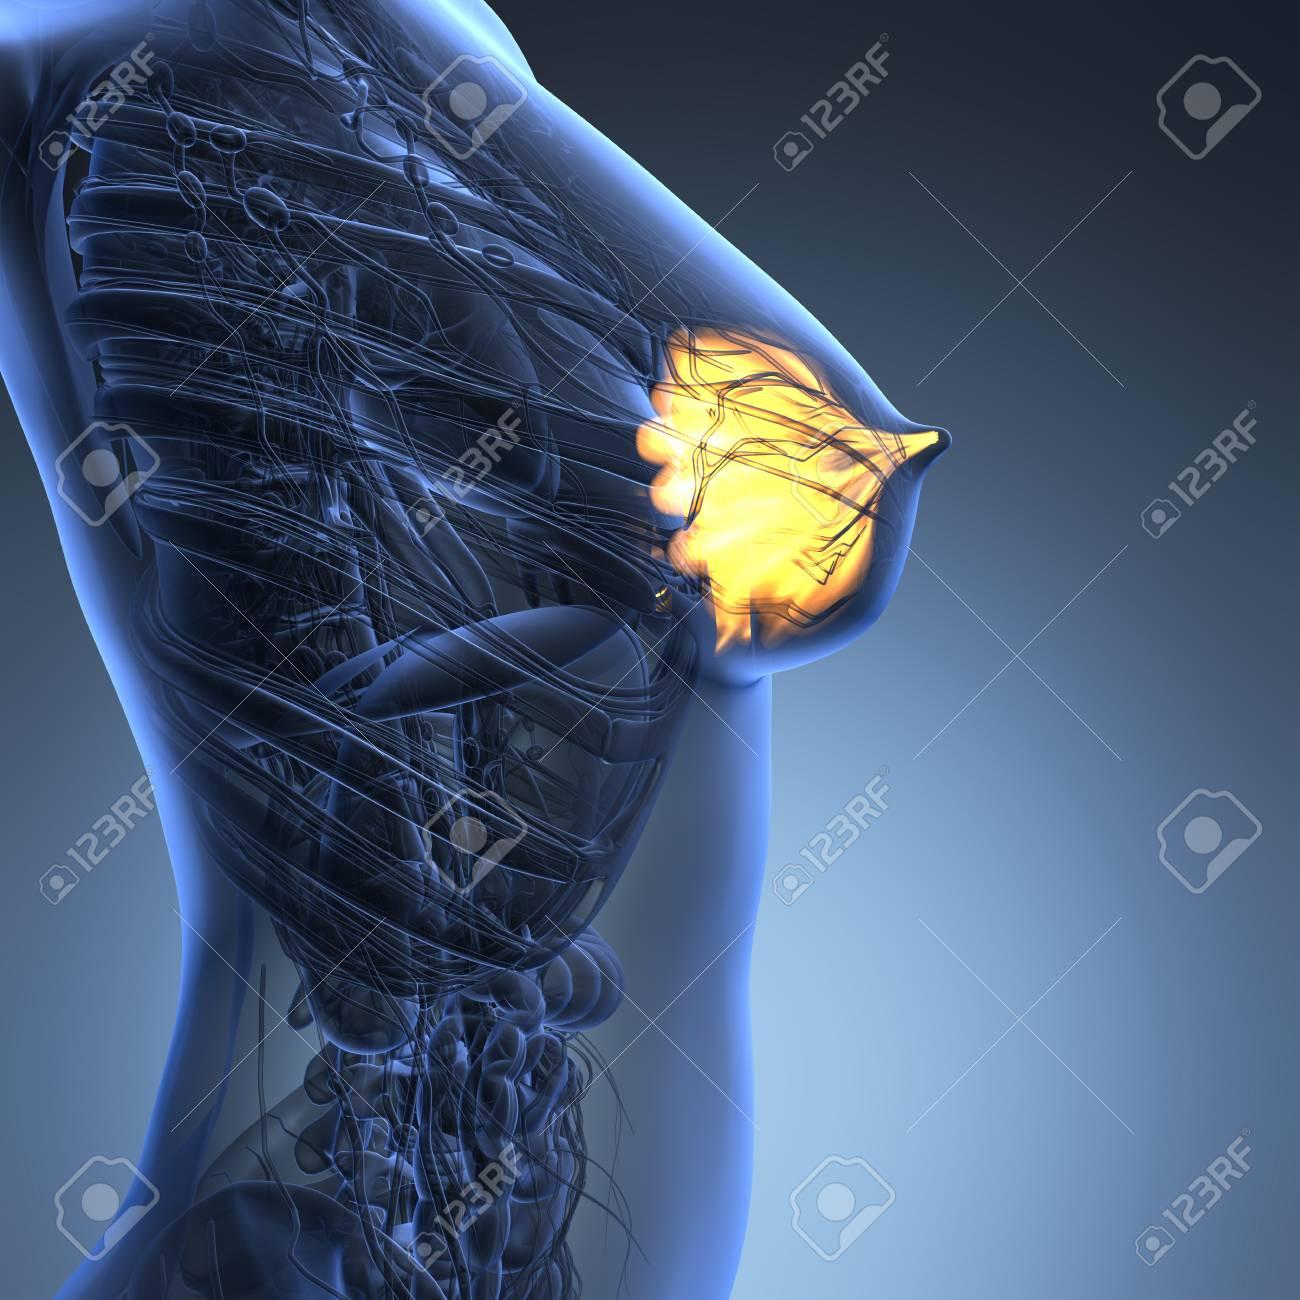 Wissenschaft Anatomie Des Menschlichen Körpers Mit Glühen Brustdrüse ...